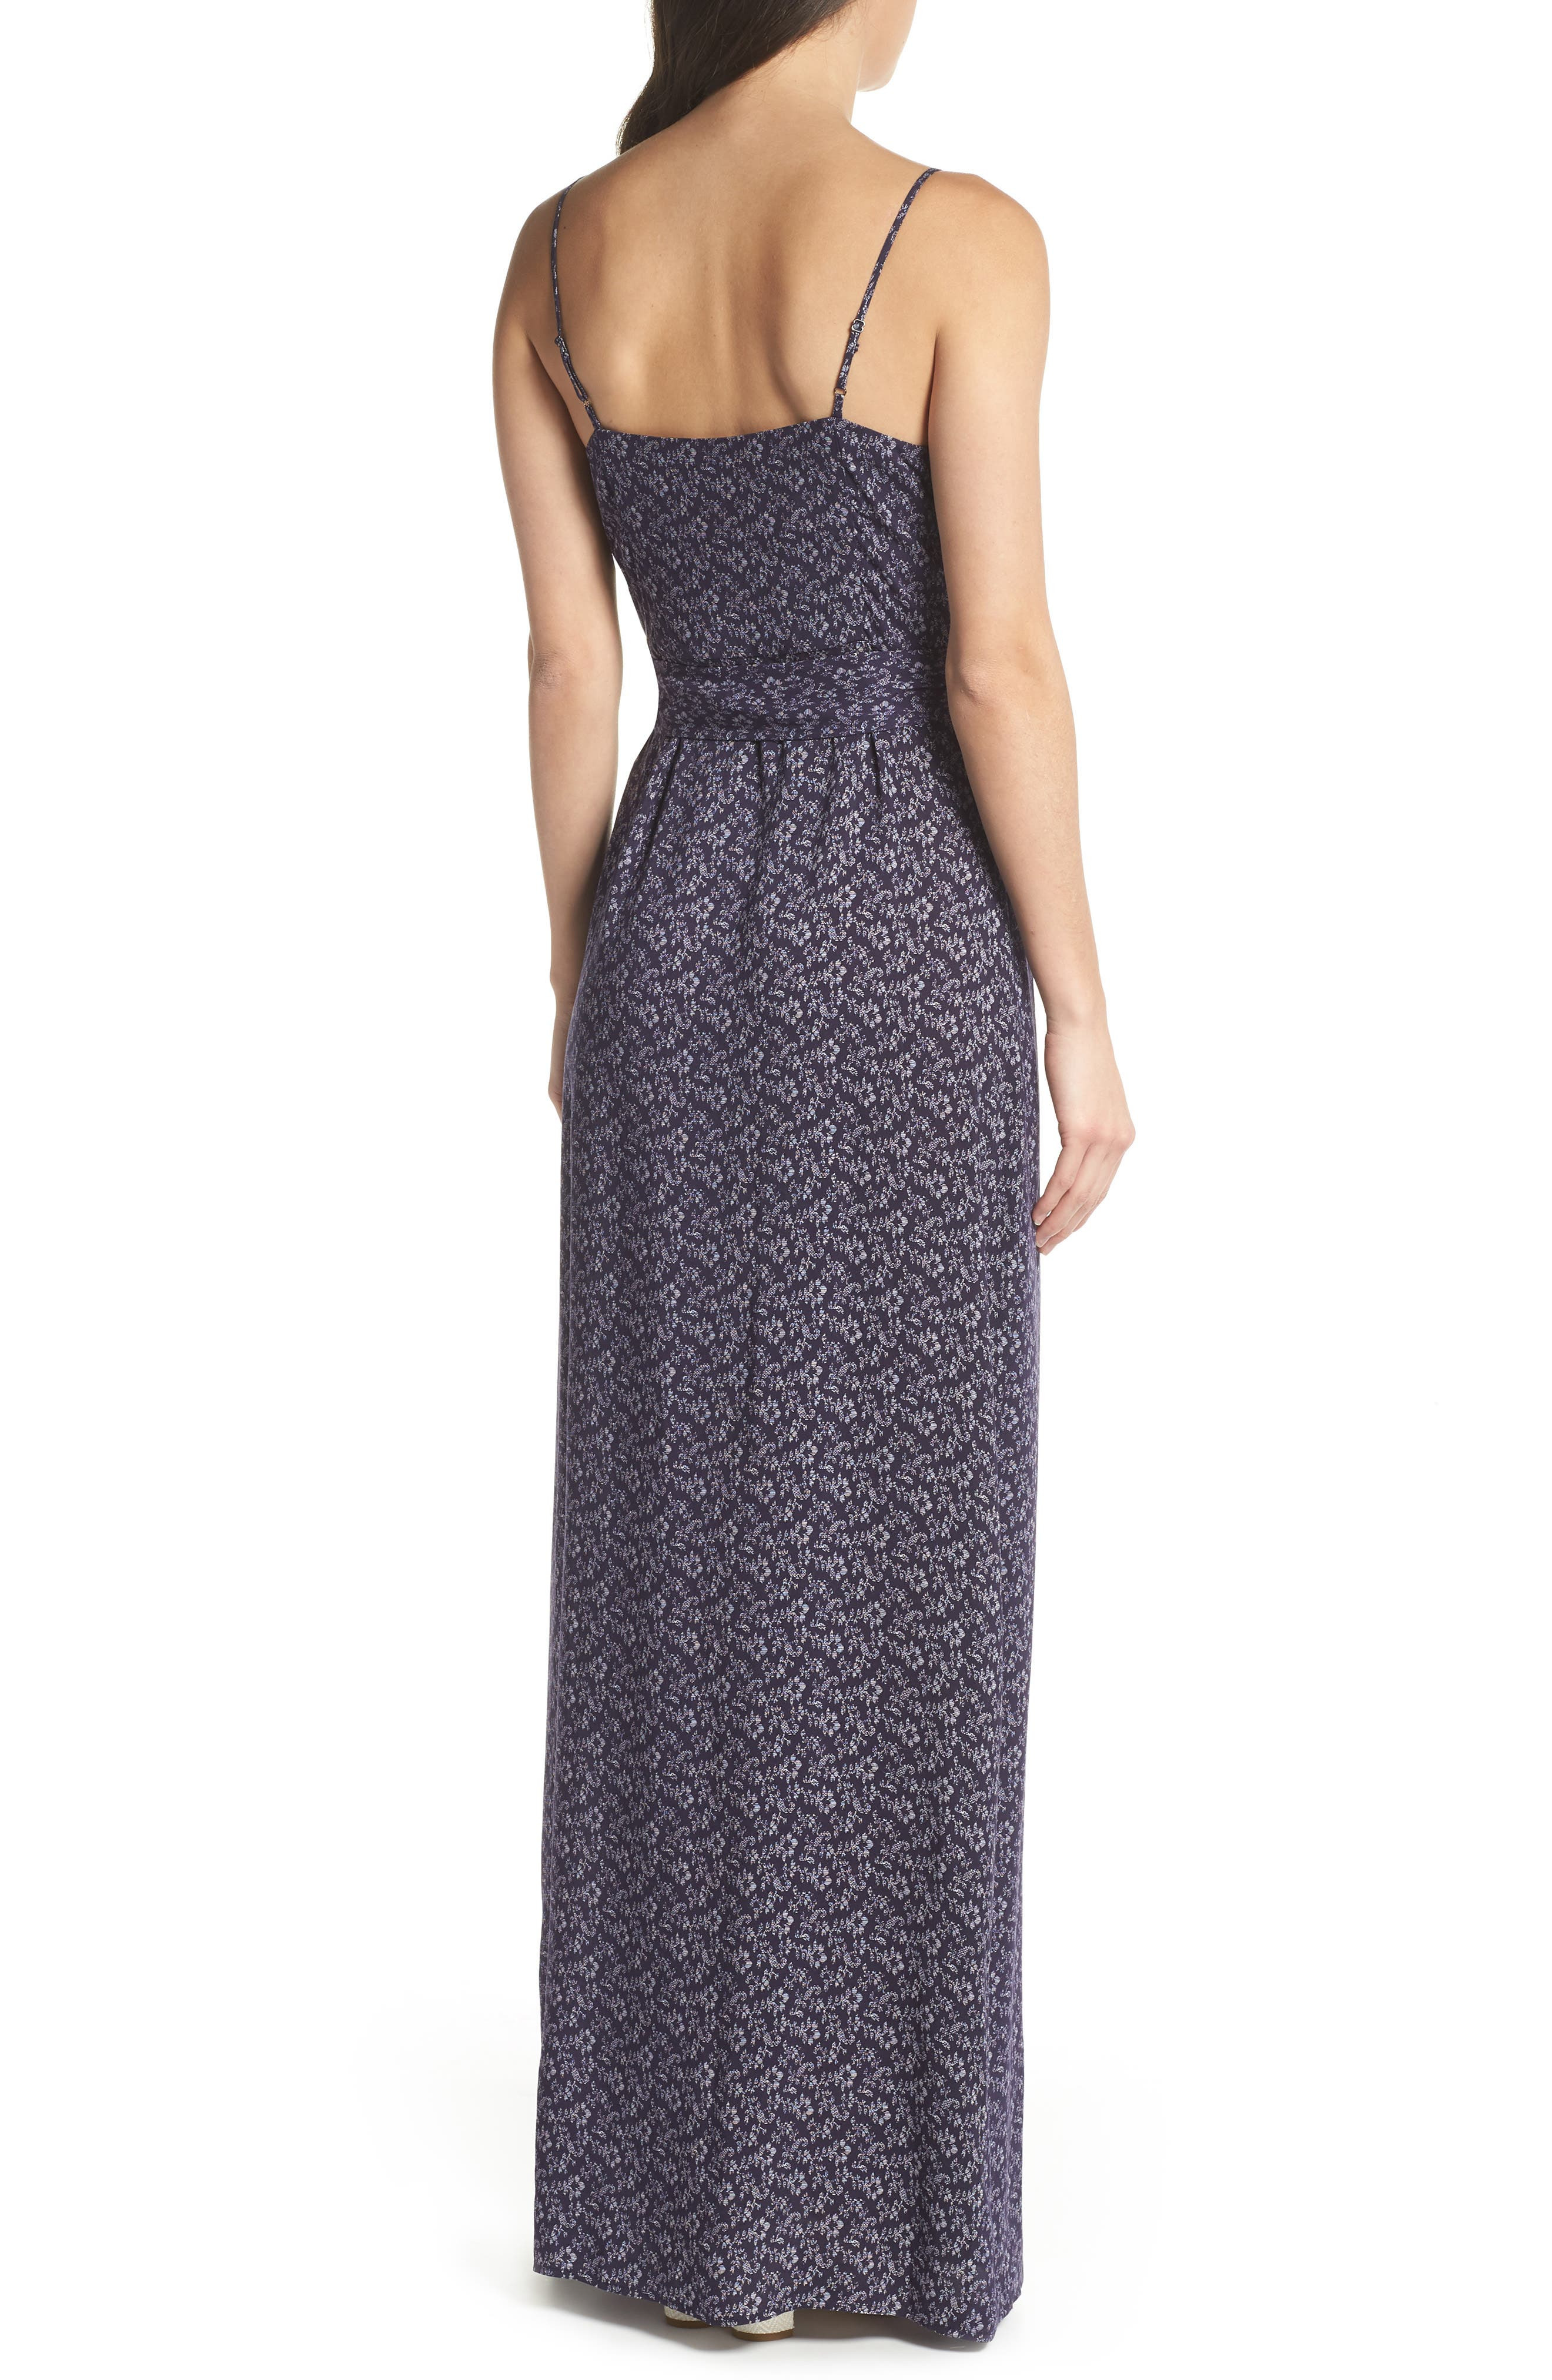 Regina Floral Print Maxi Dress,                             Alternate thumbnail 2, color,